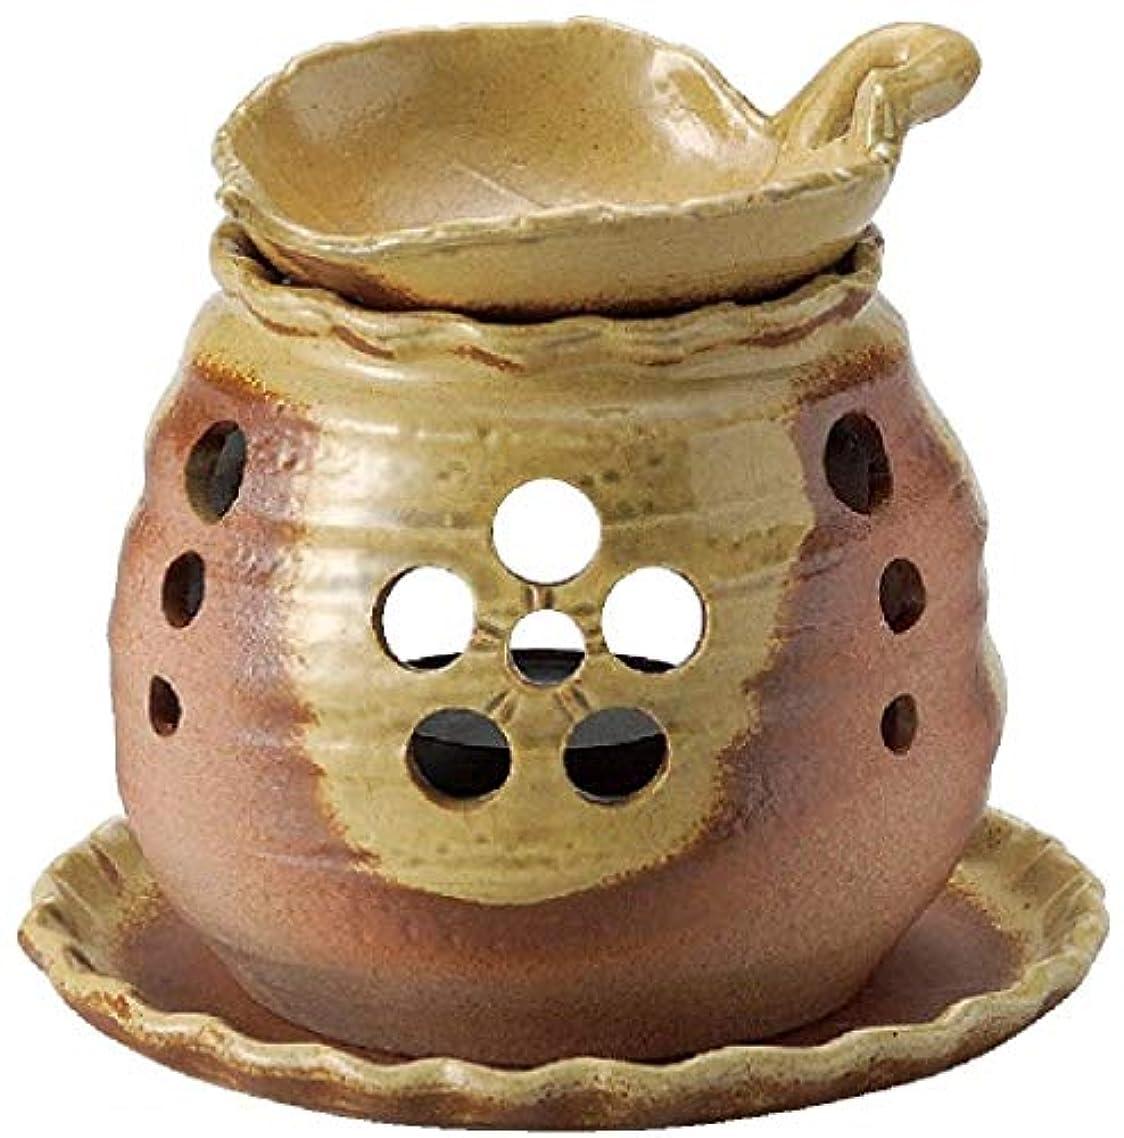 ベース珍味レッスン常滑焼 7-228 遊土里黄灰釉木の葉茶香炉 遊土里φ10×H10.5㎝